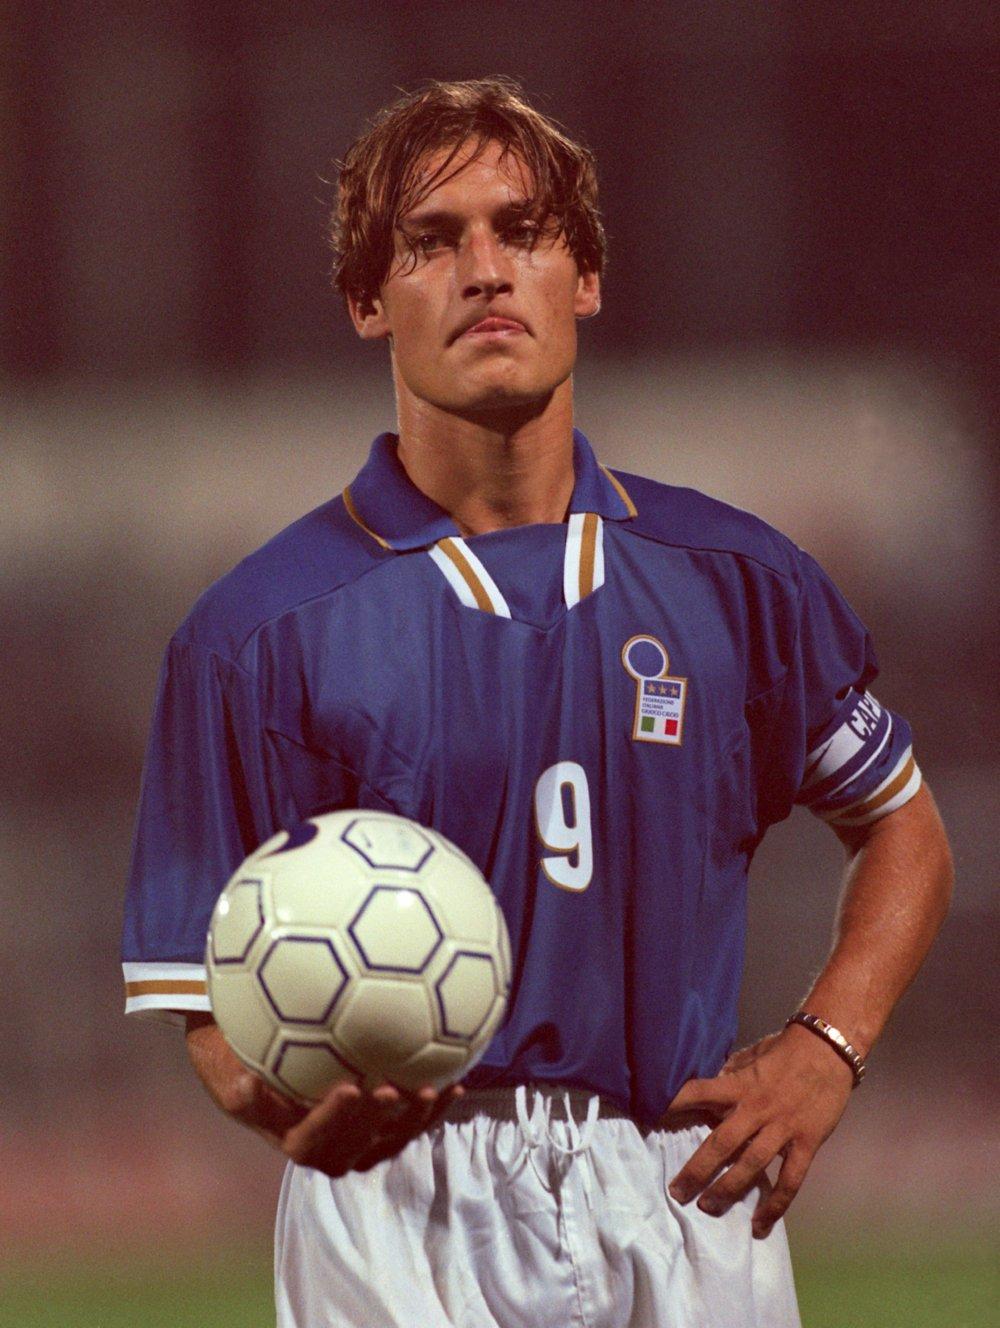 Francesco Totti, Italy